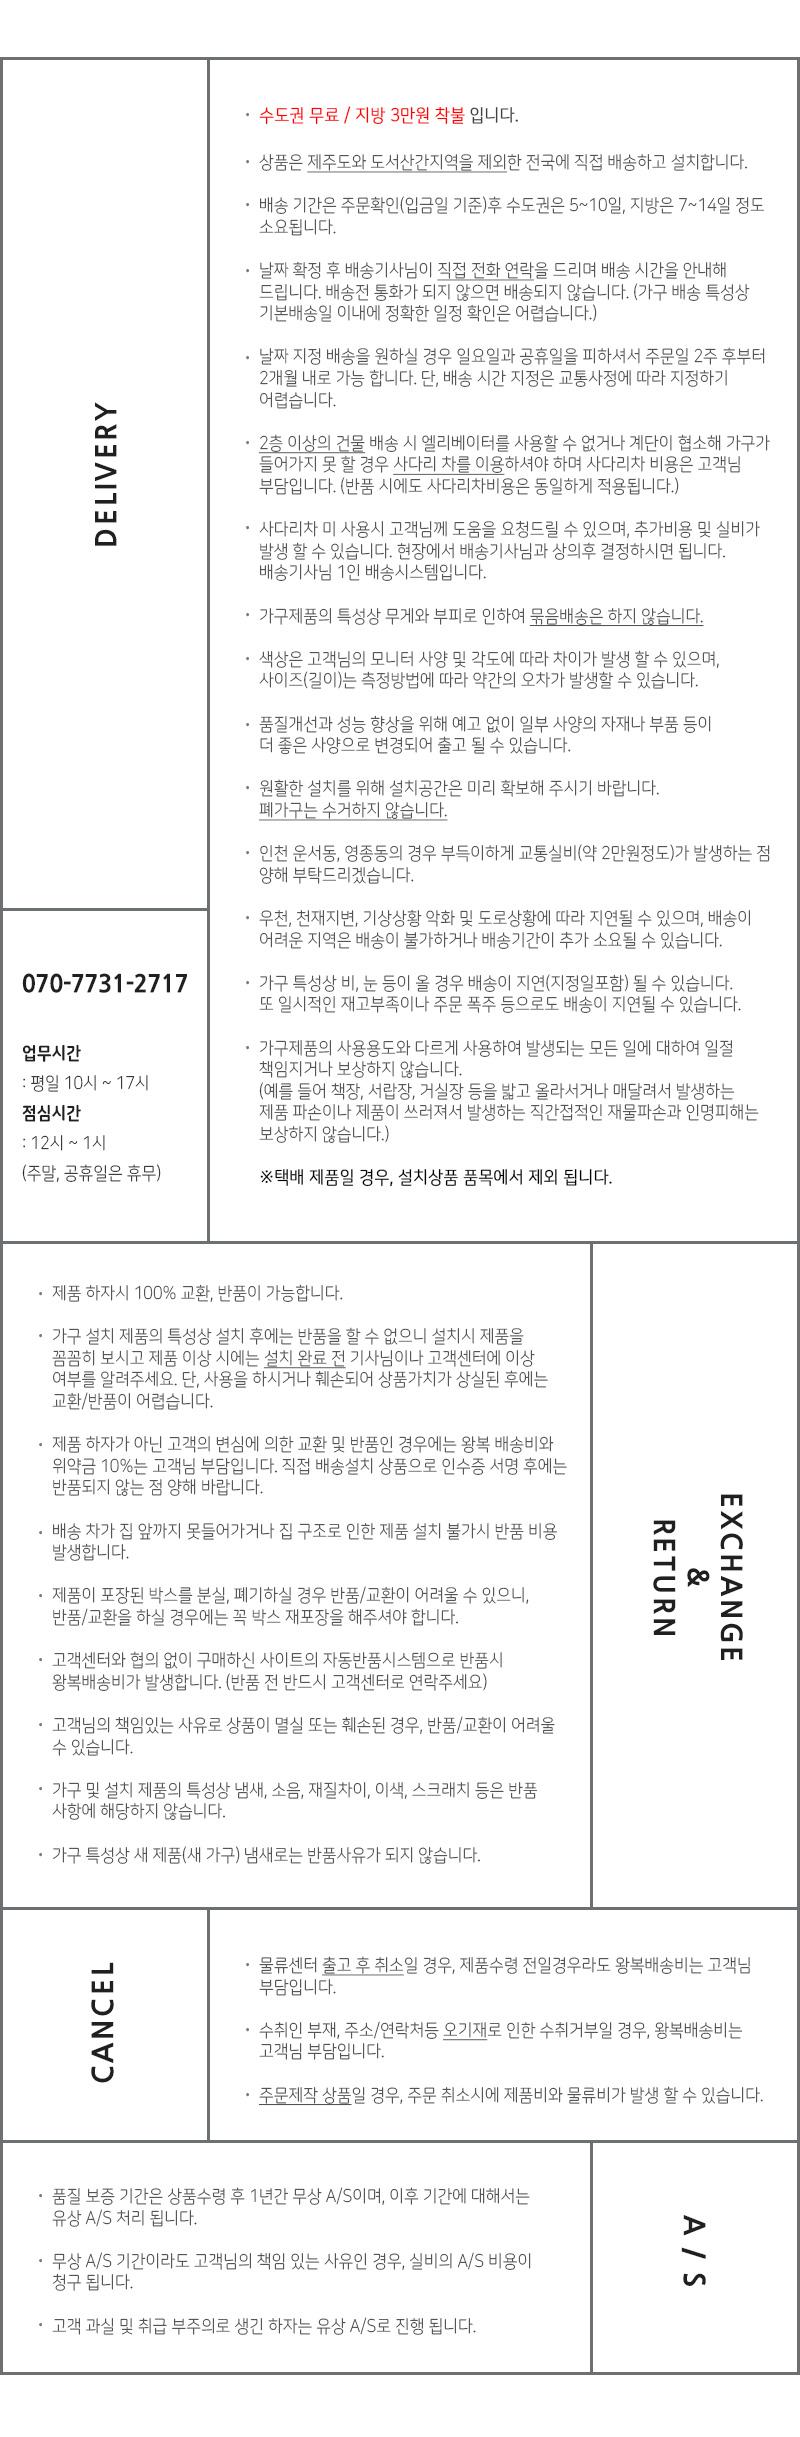 자빈 원목 책장 5단 800 오픈형 - 인우드, 312,670원, 책장/서재수납, 책장